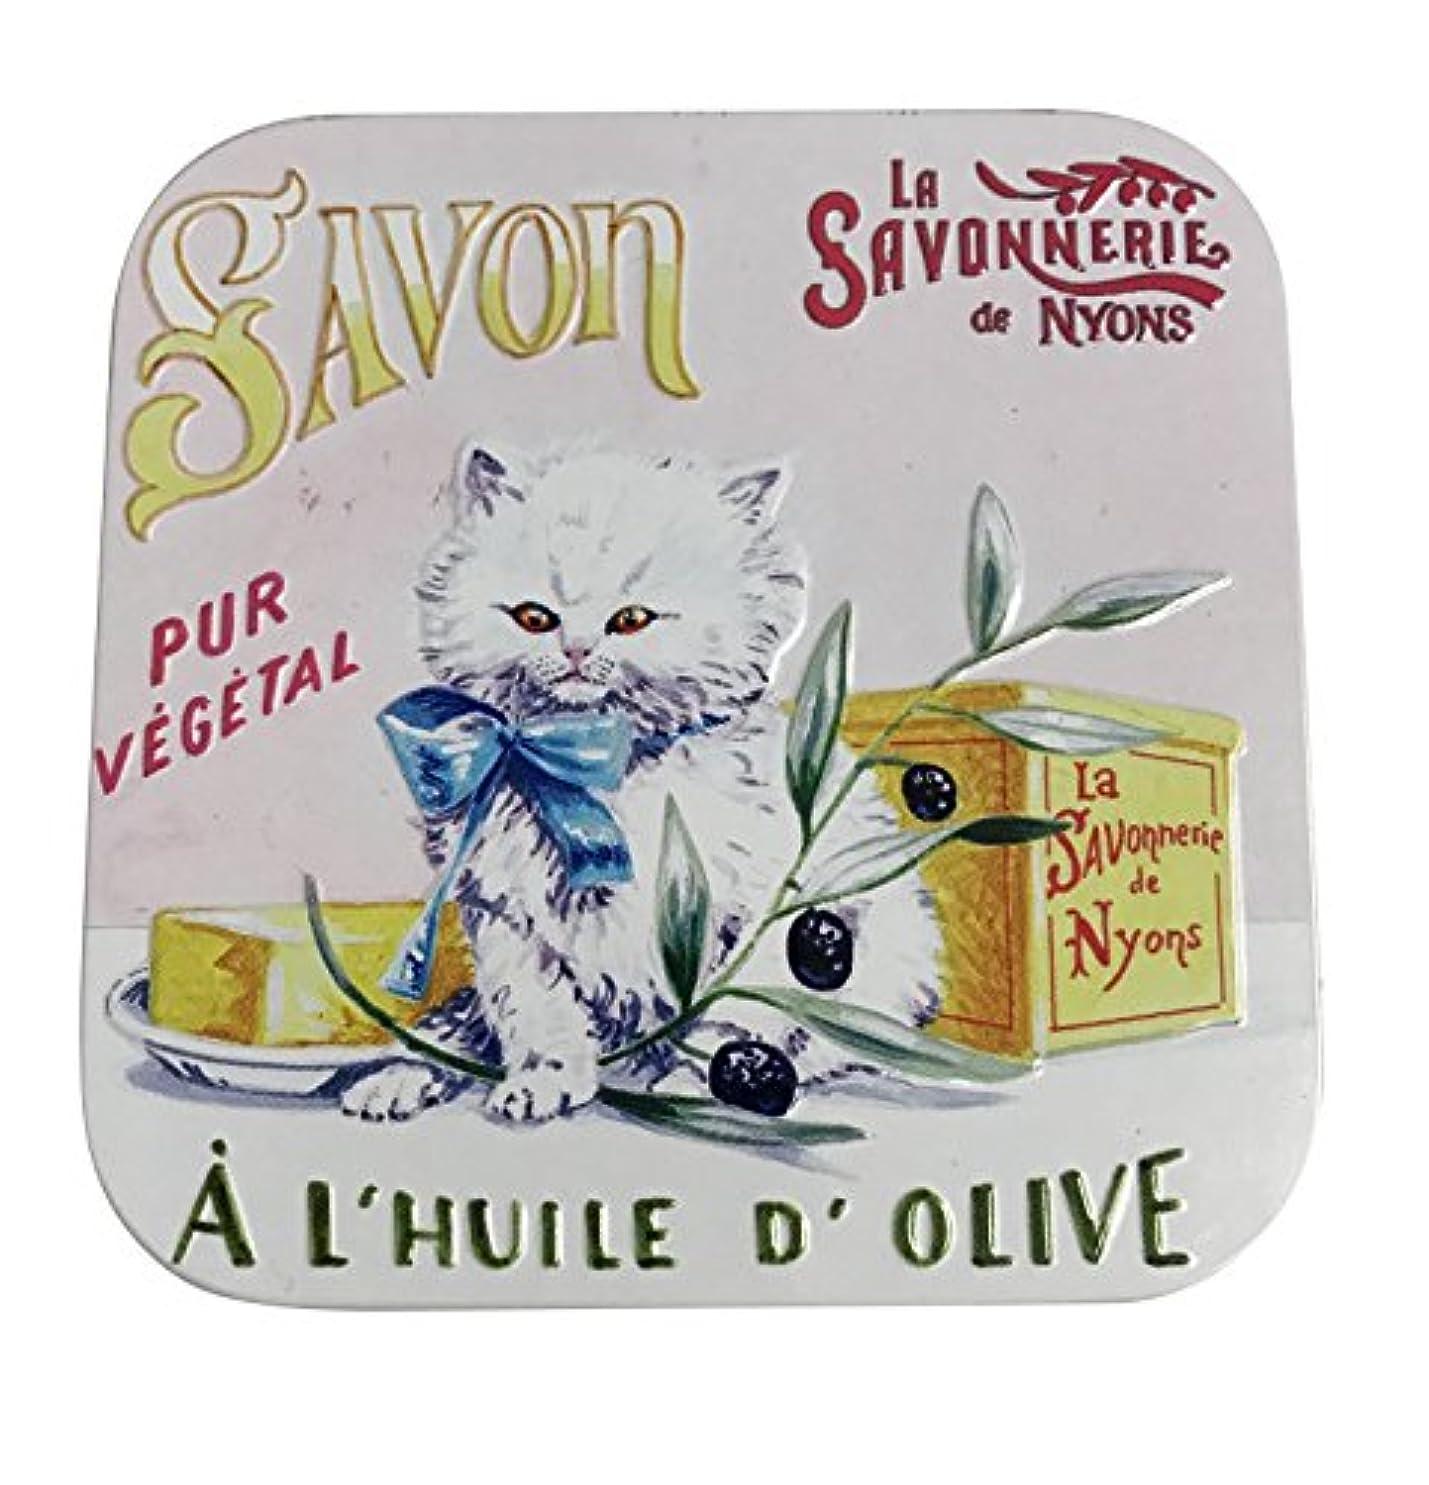 西高揚した預言者ラ?サボネリー アンティーク缶入り石鹸 タイプ100 ペルシャ子猫(コットンフラワー)